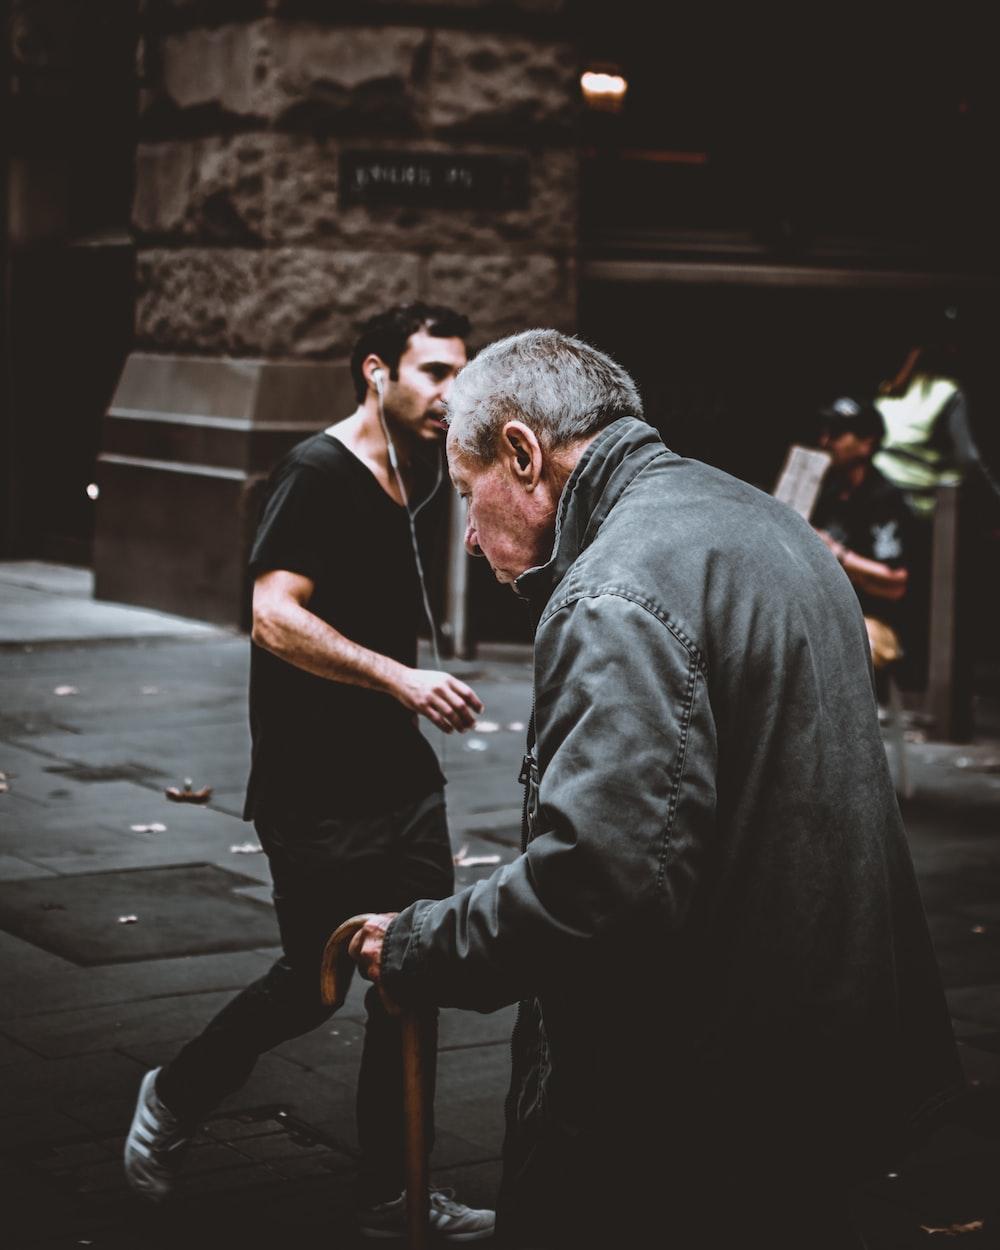 man holding walking cane